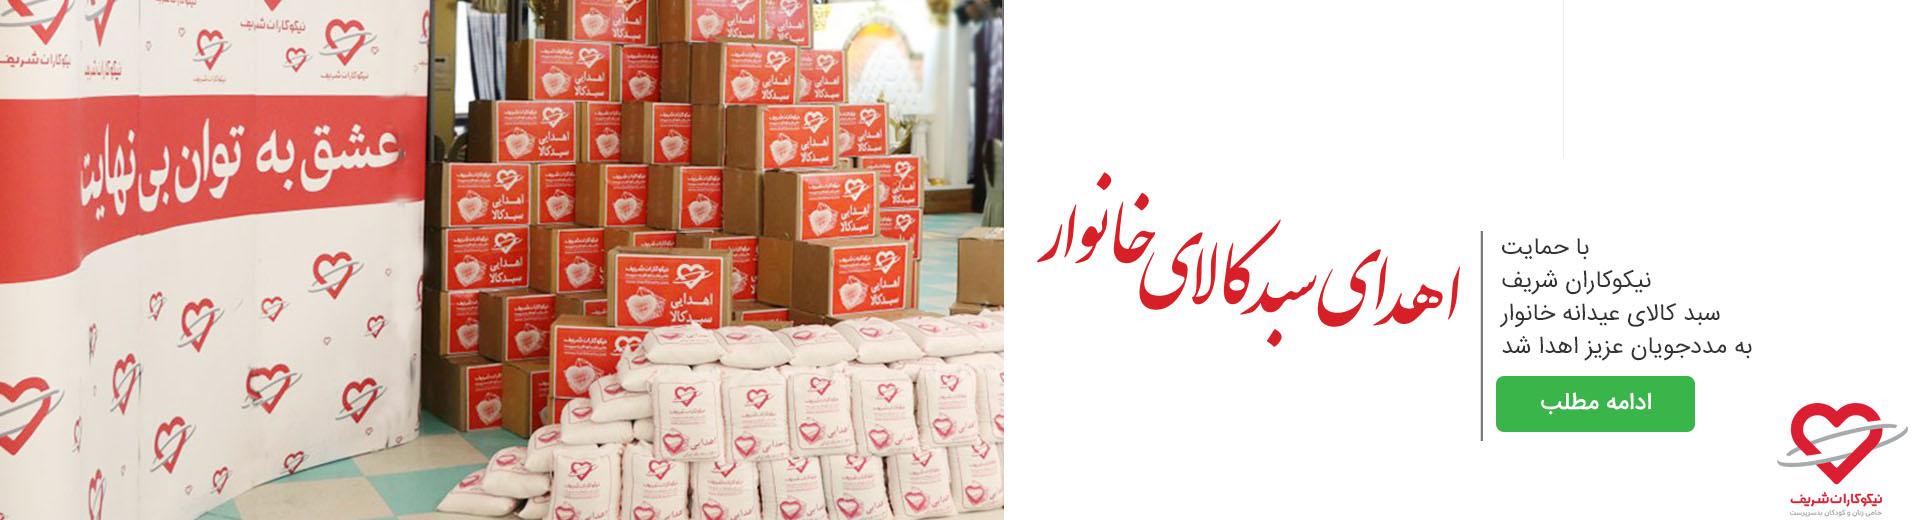 اهدای سبد کالای خانوار - خیریه نیکوکاران شریف